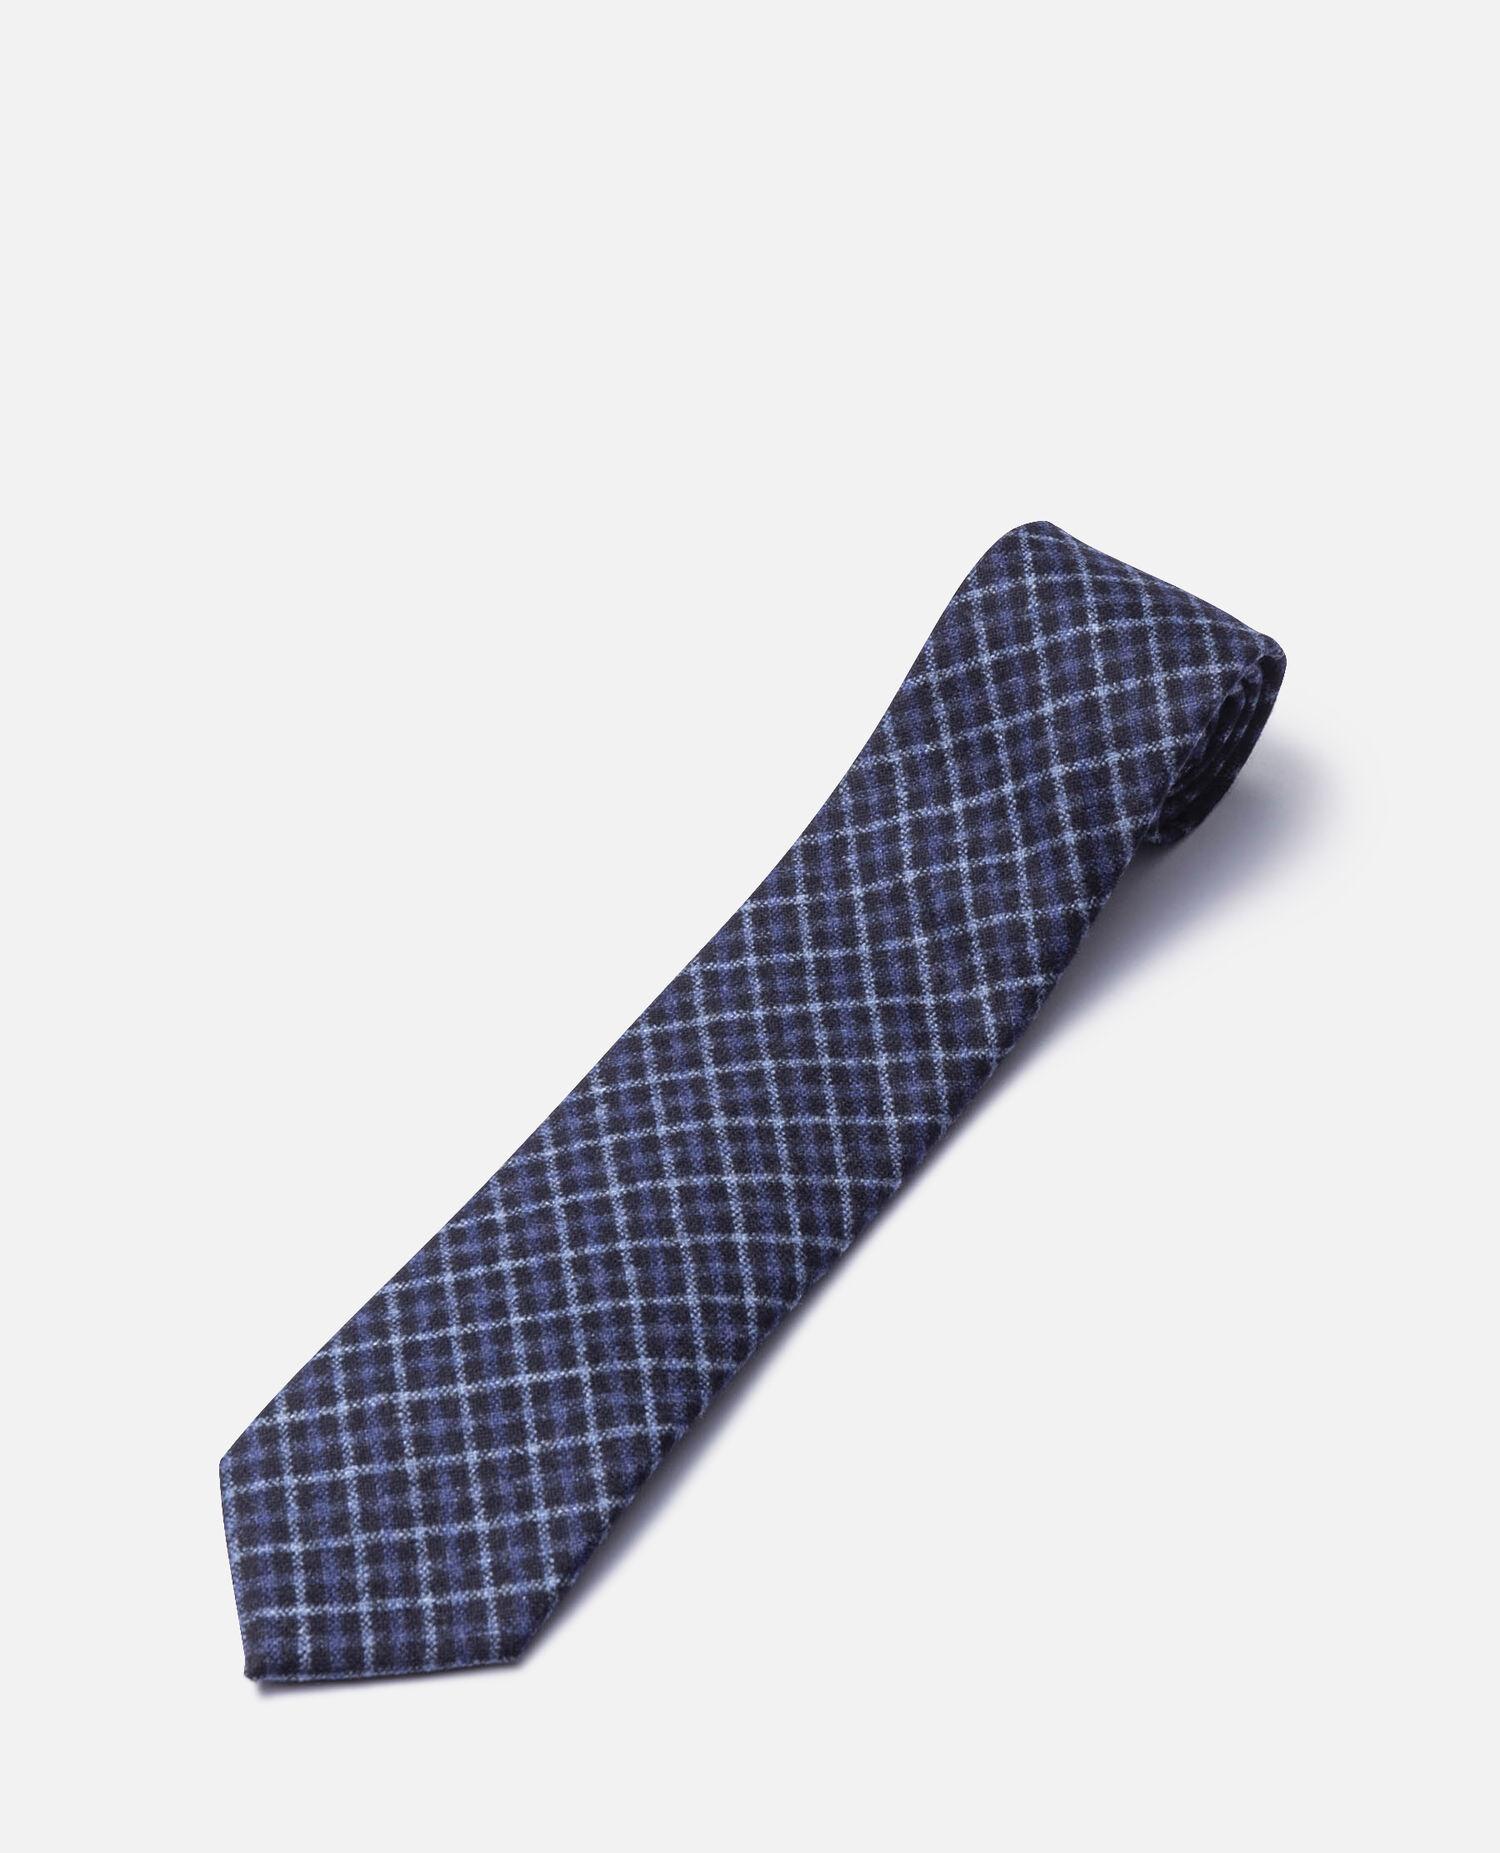 ネクタイ うさぎ柄